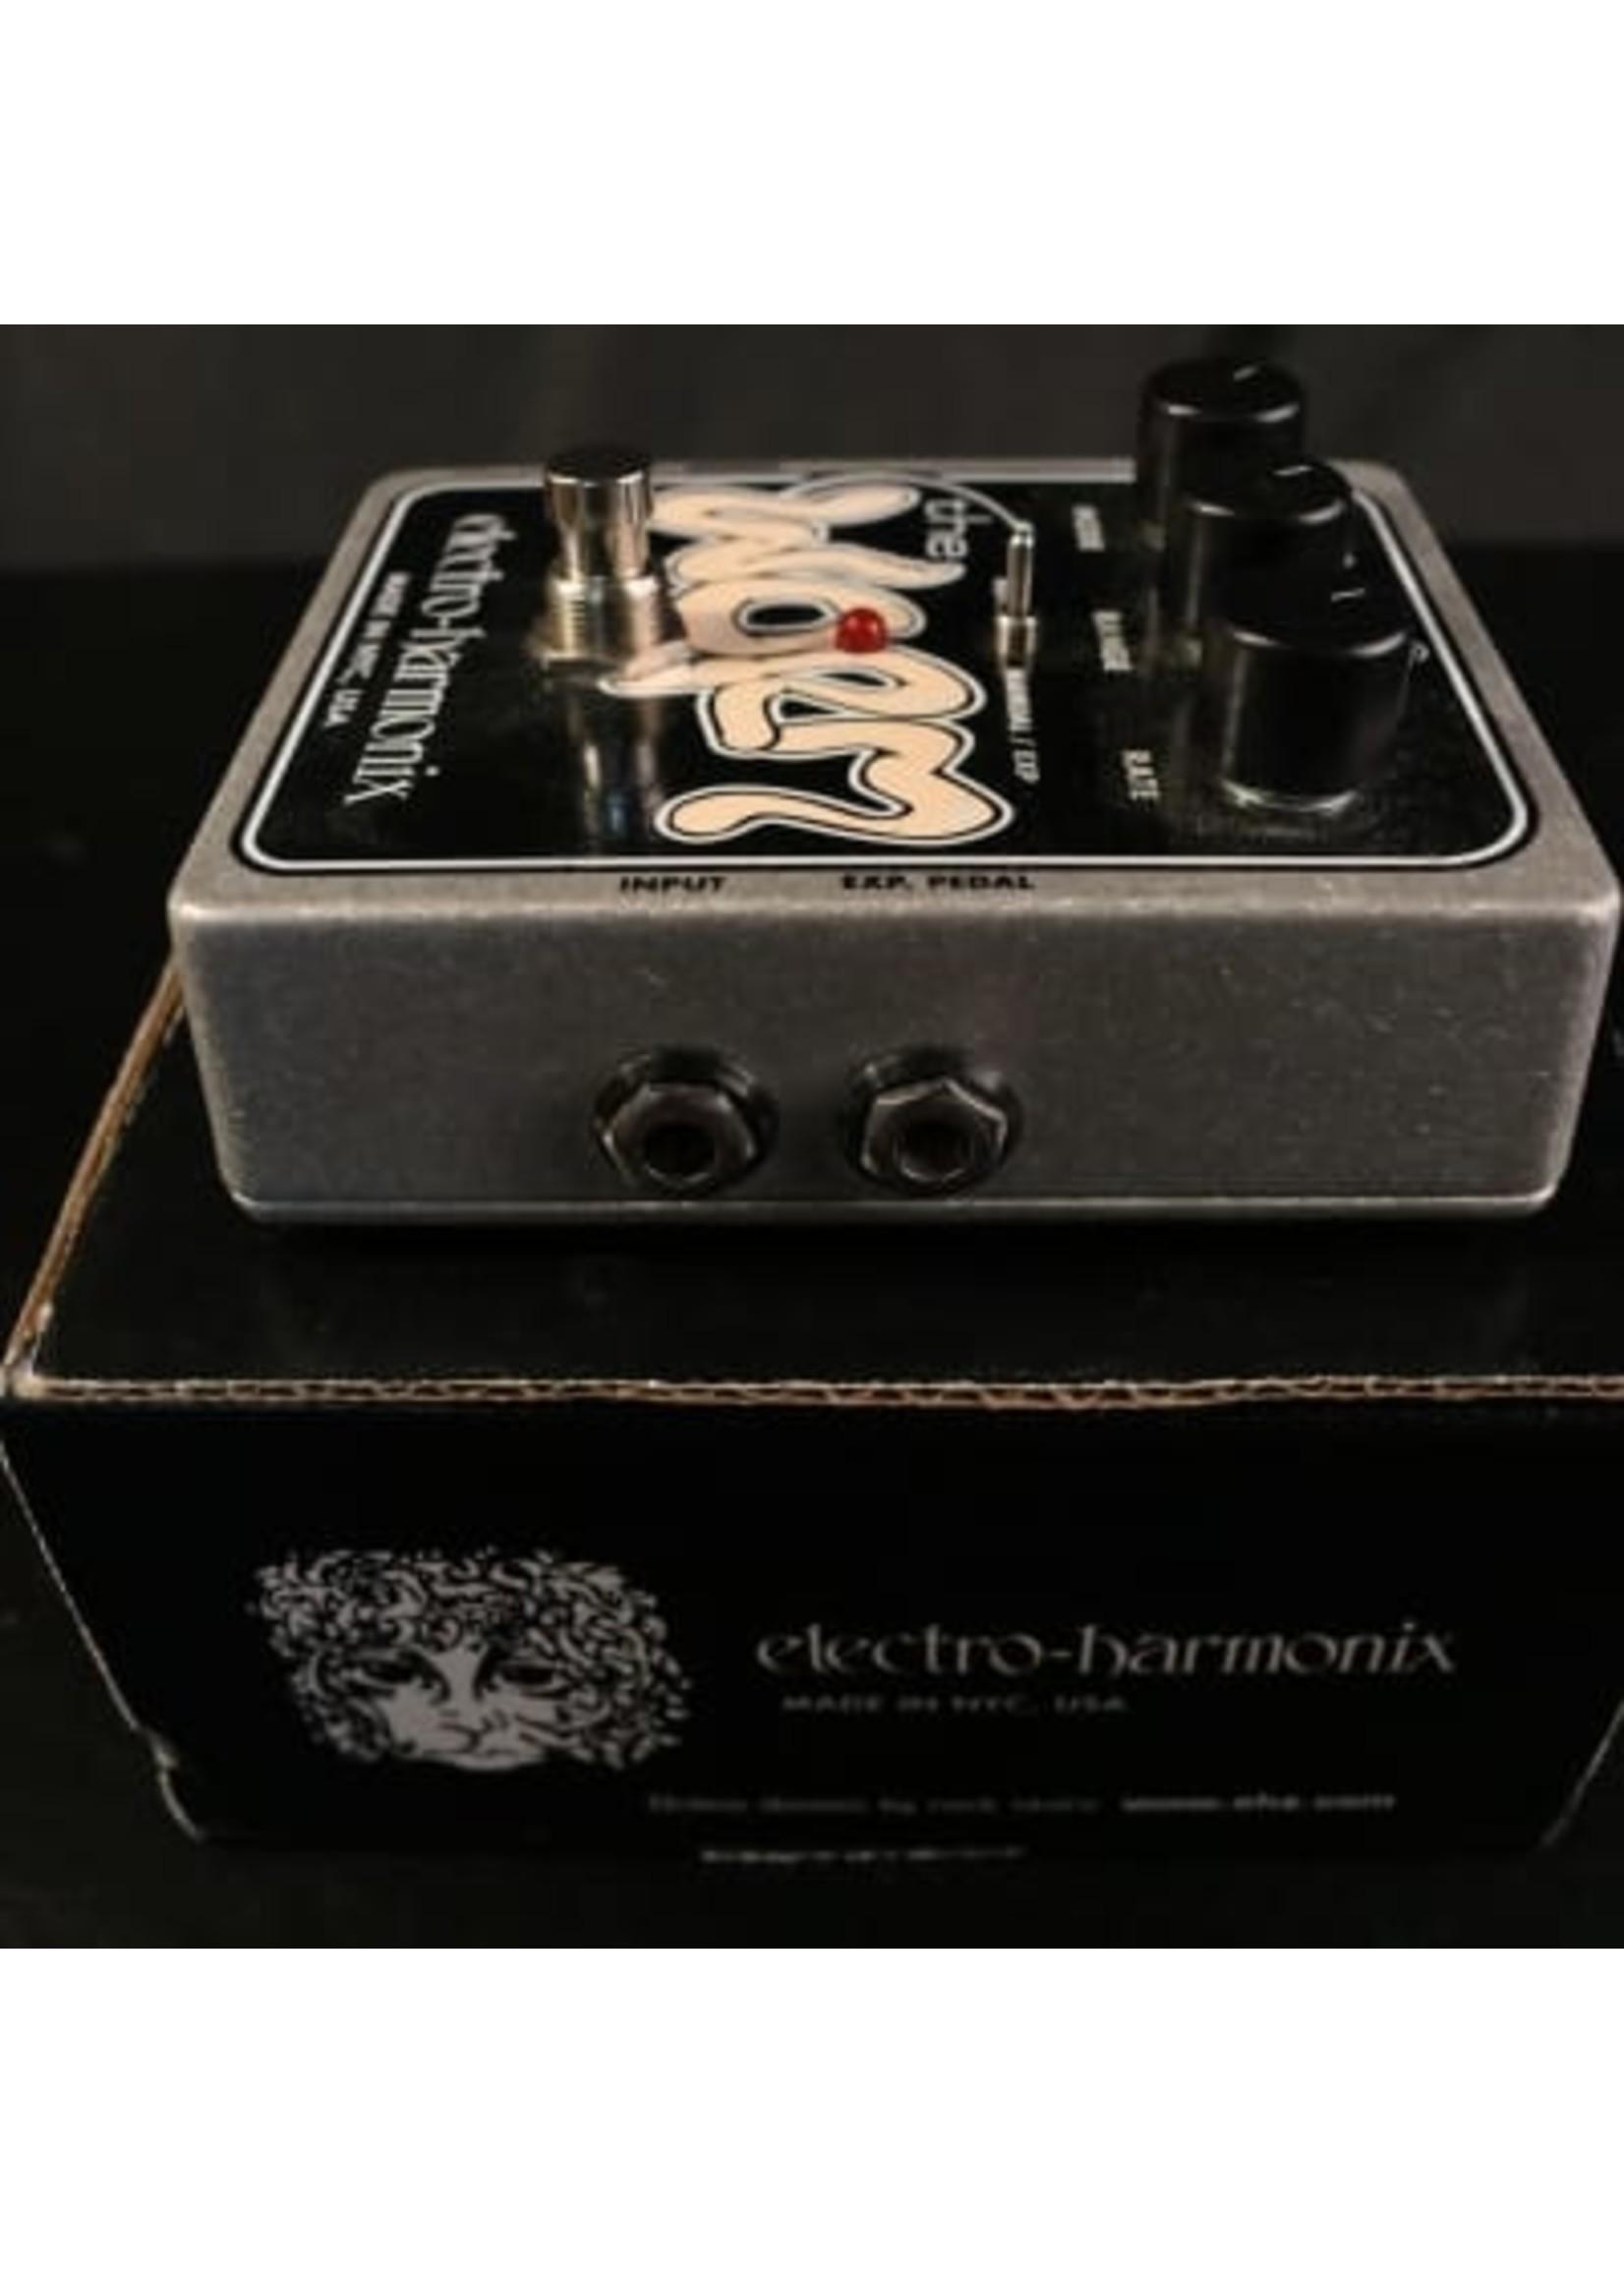 Electro-Harmonix Electro-Harmonix Worm